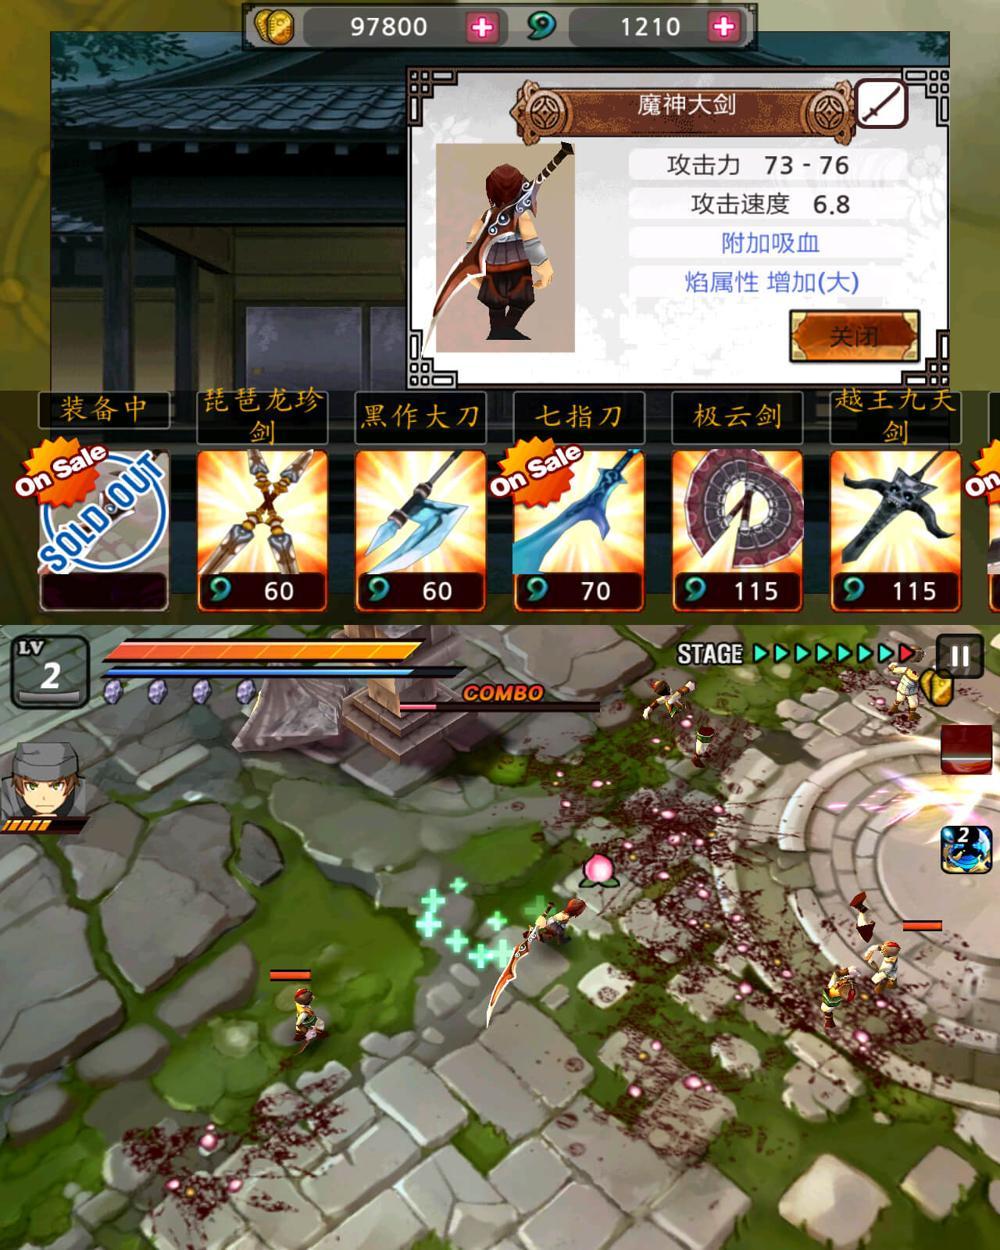 动作冒险手机游戏 亡灵杀手,一款操作感极强的动作冒险手机游戏。